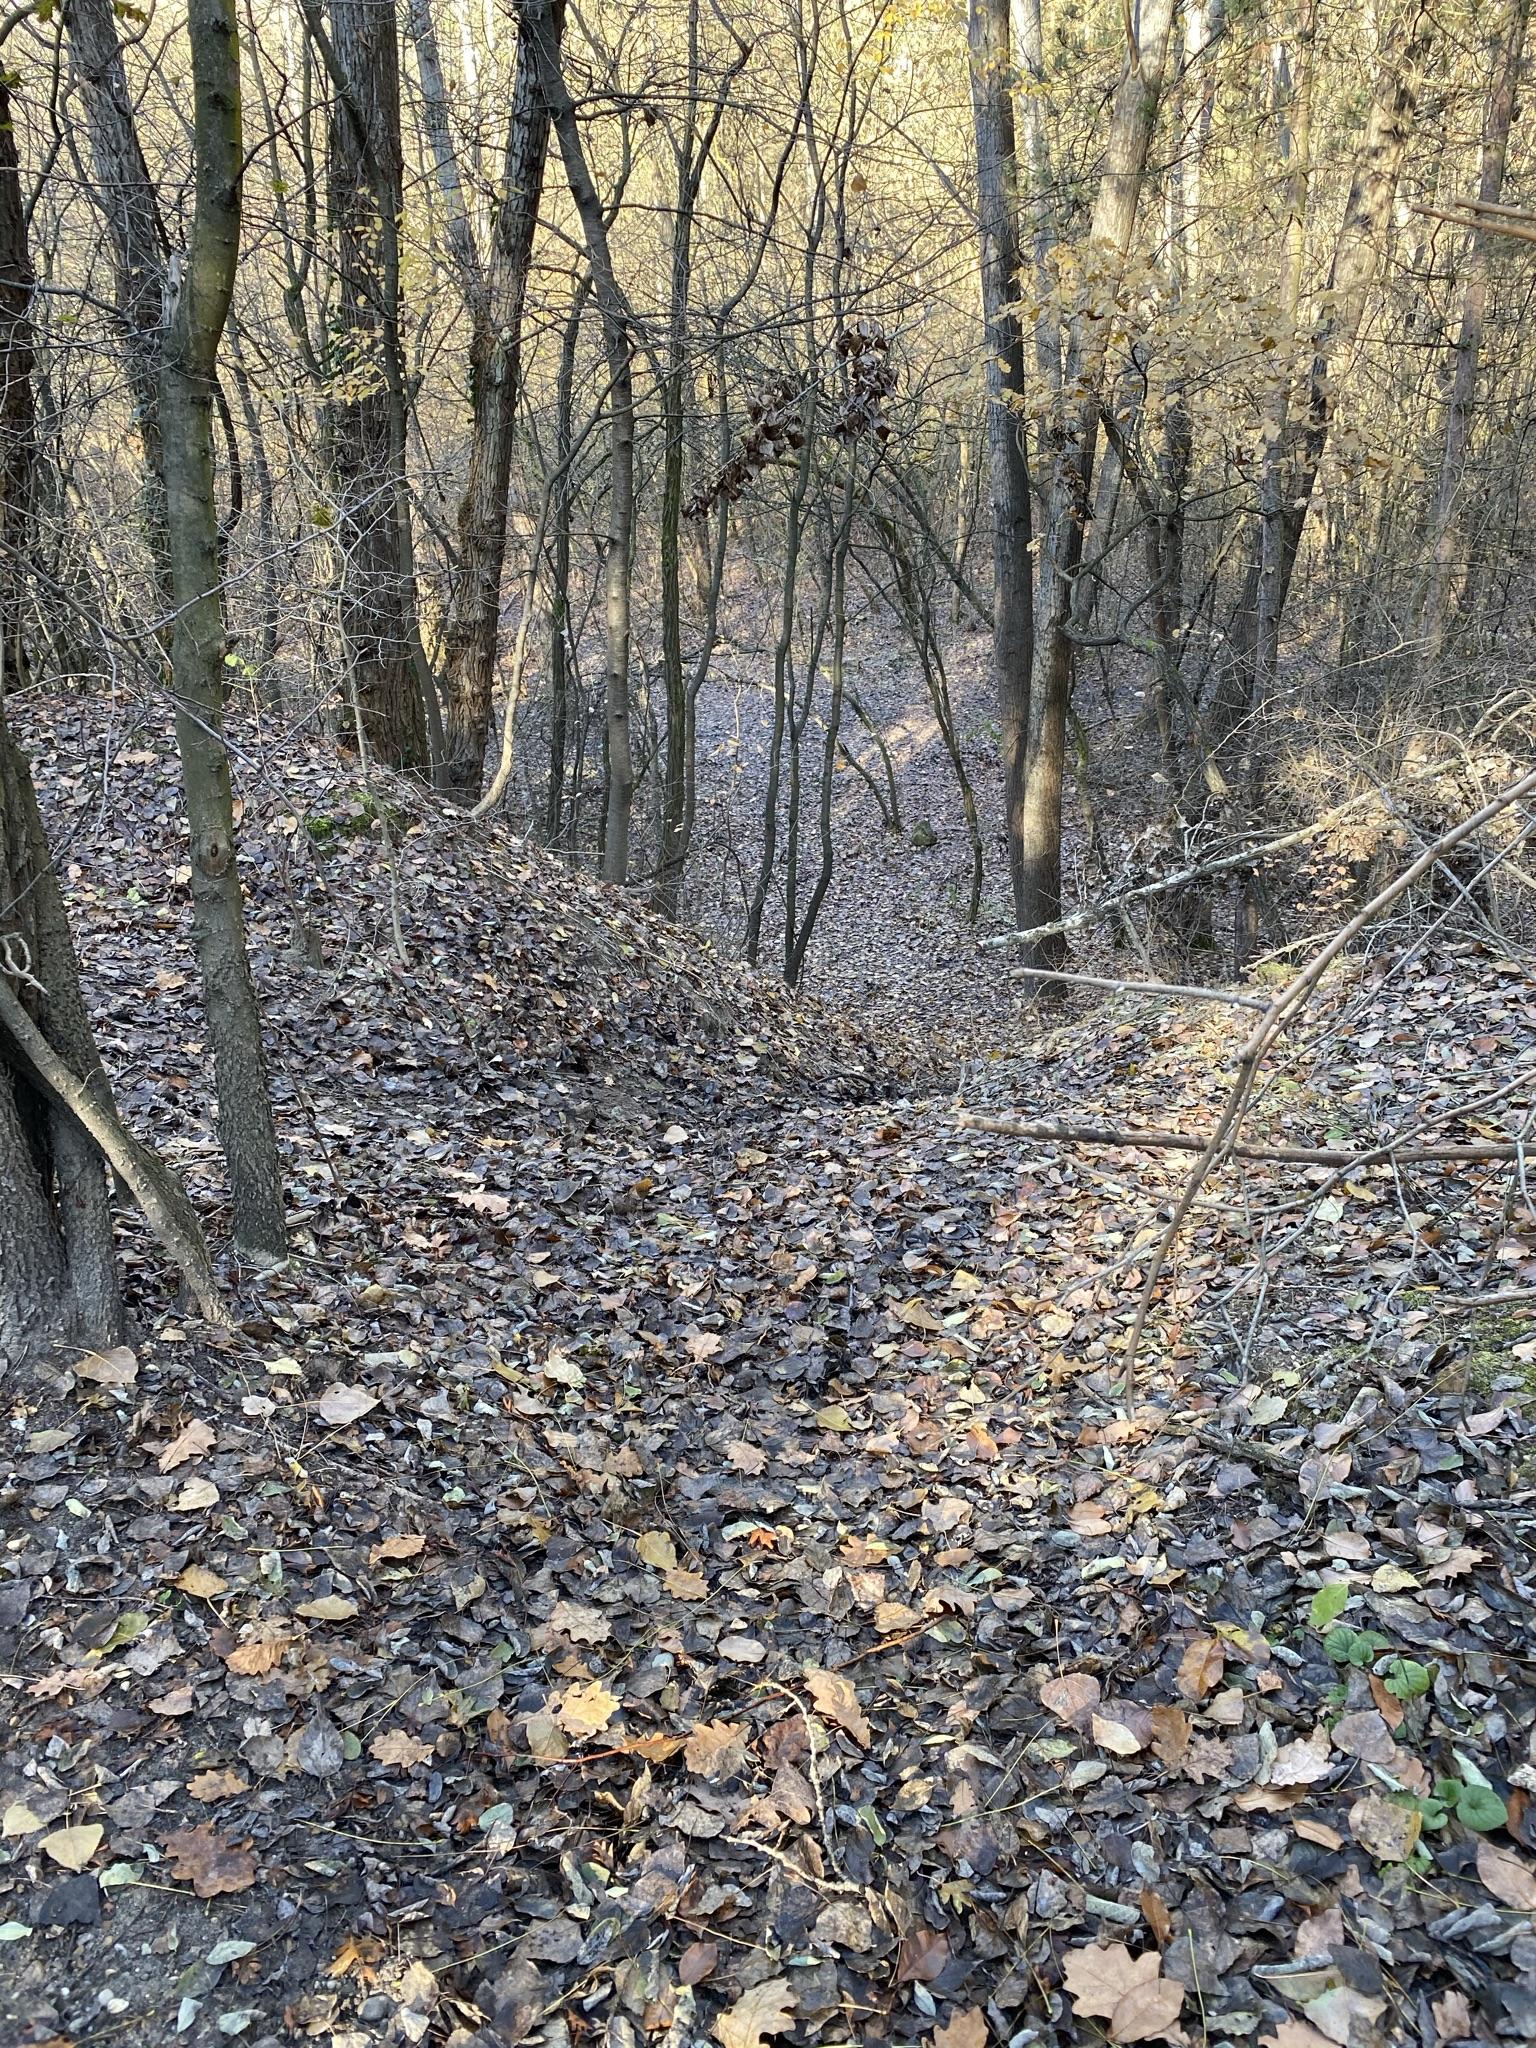 Az erdőben többnyire tölgyesekből, fenyvesekből, juharokból, lepényfákból és akácosokból áll.